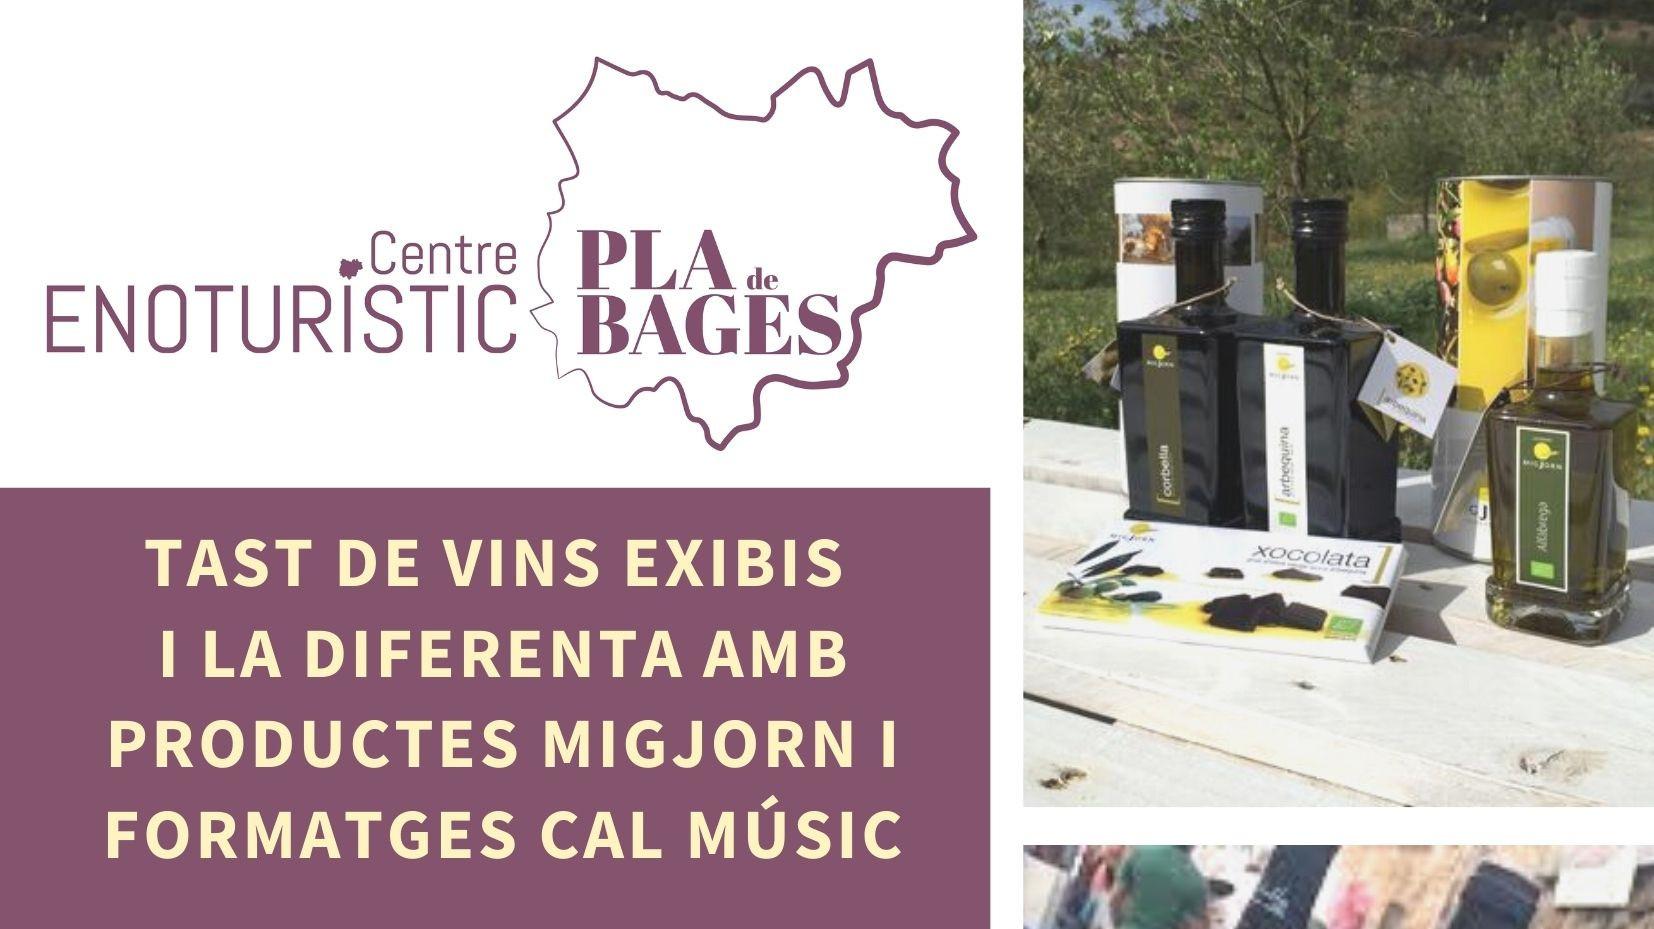 TAST DE VINS EXIBIS I LA DIFERENTA AMB FORMATGES DE CAL MUSIC I PRODUCTES MIGJORN